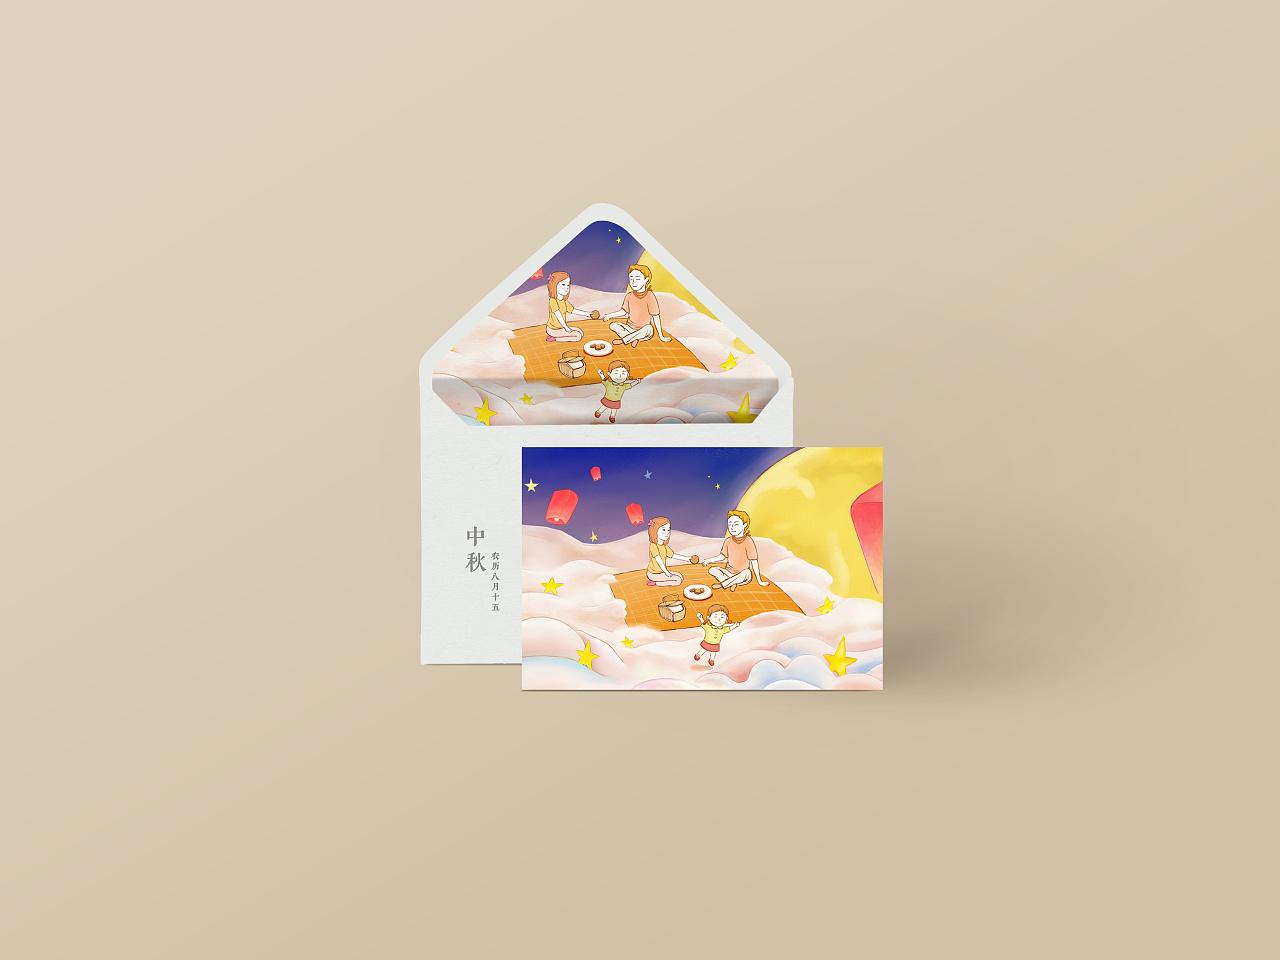 中秋节卡片手绘